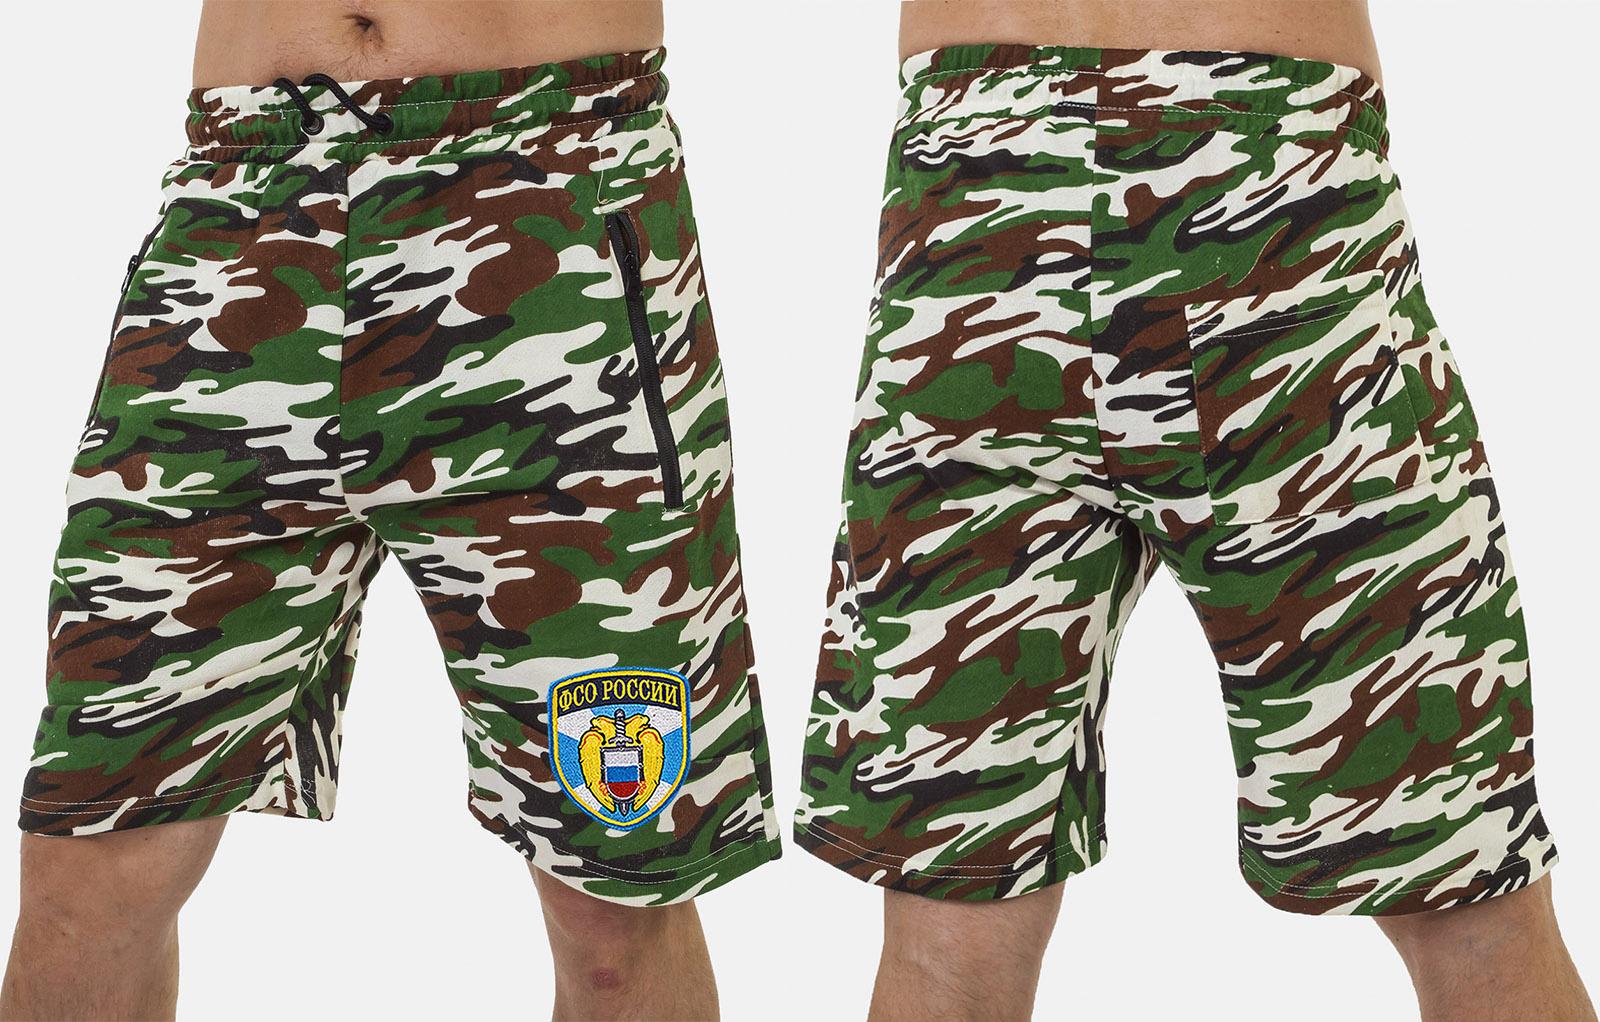 Армейские свободные шорты с нашивкой ФСО - купить по низкой цене